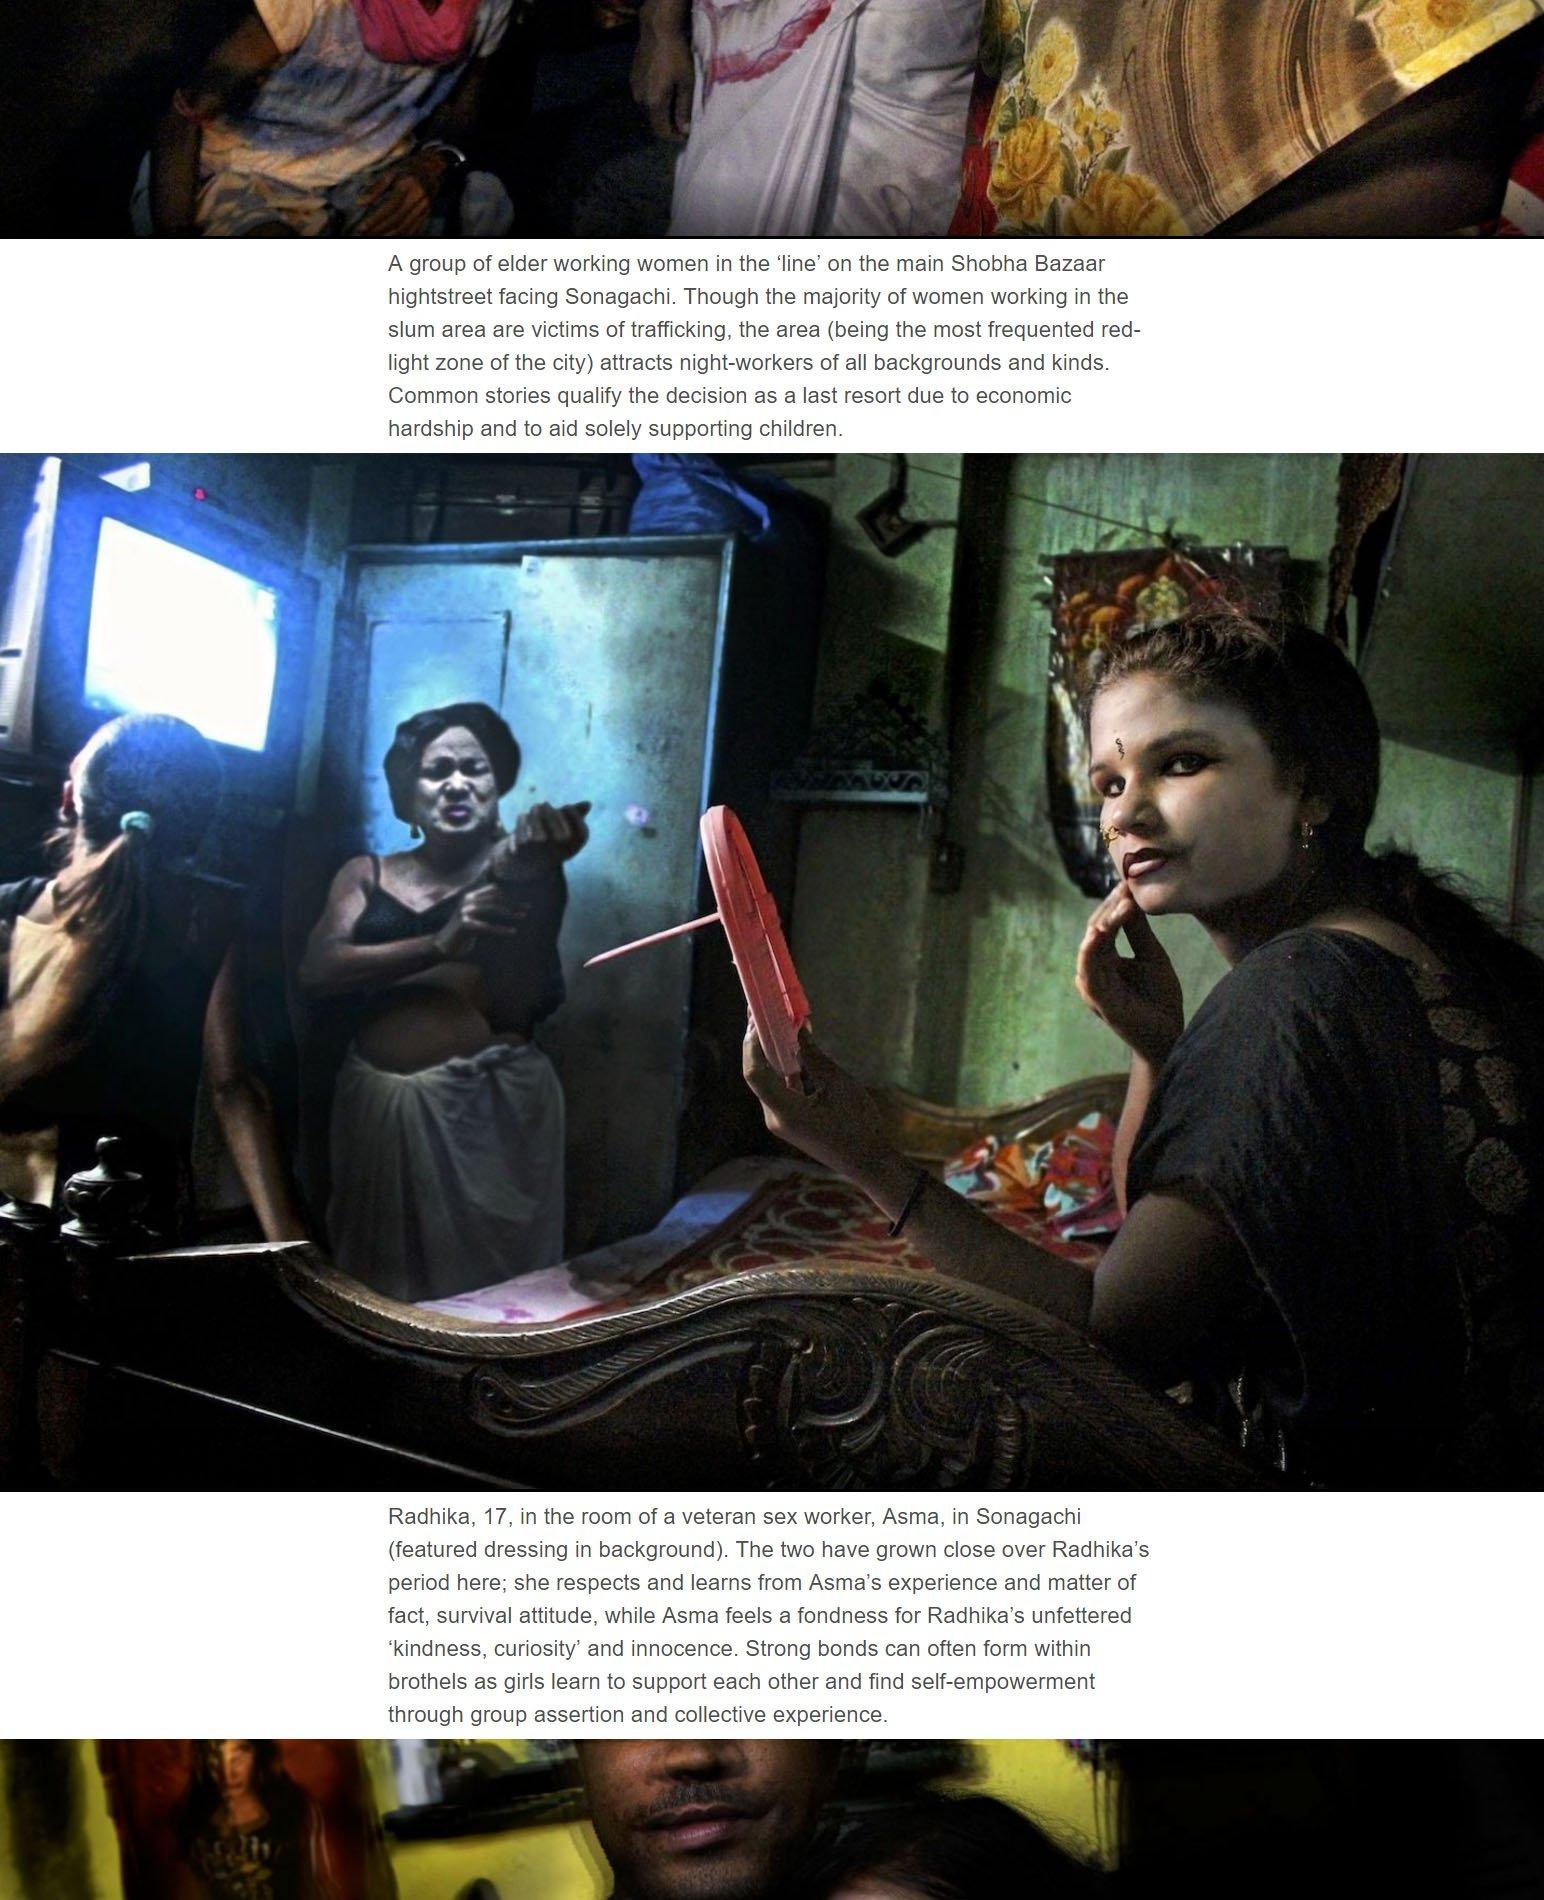 Pulitzer Grant-winner Indian photographer accused of plagiarism